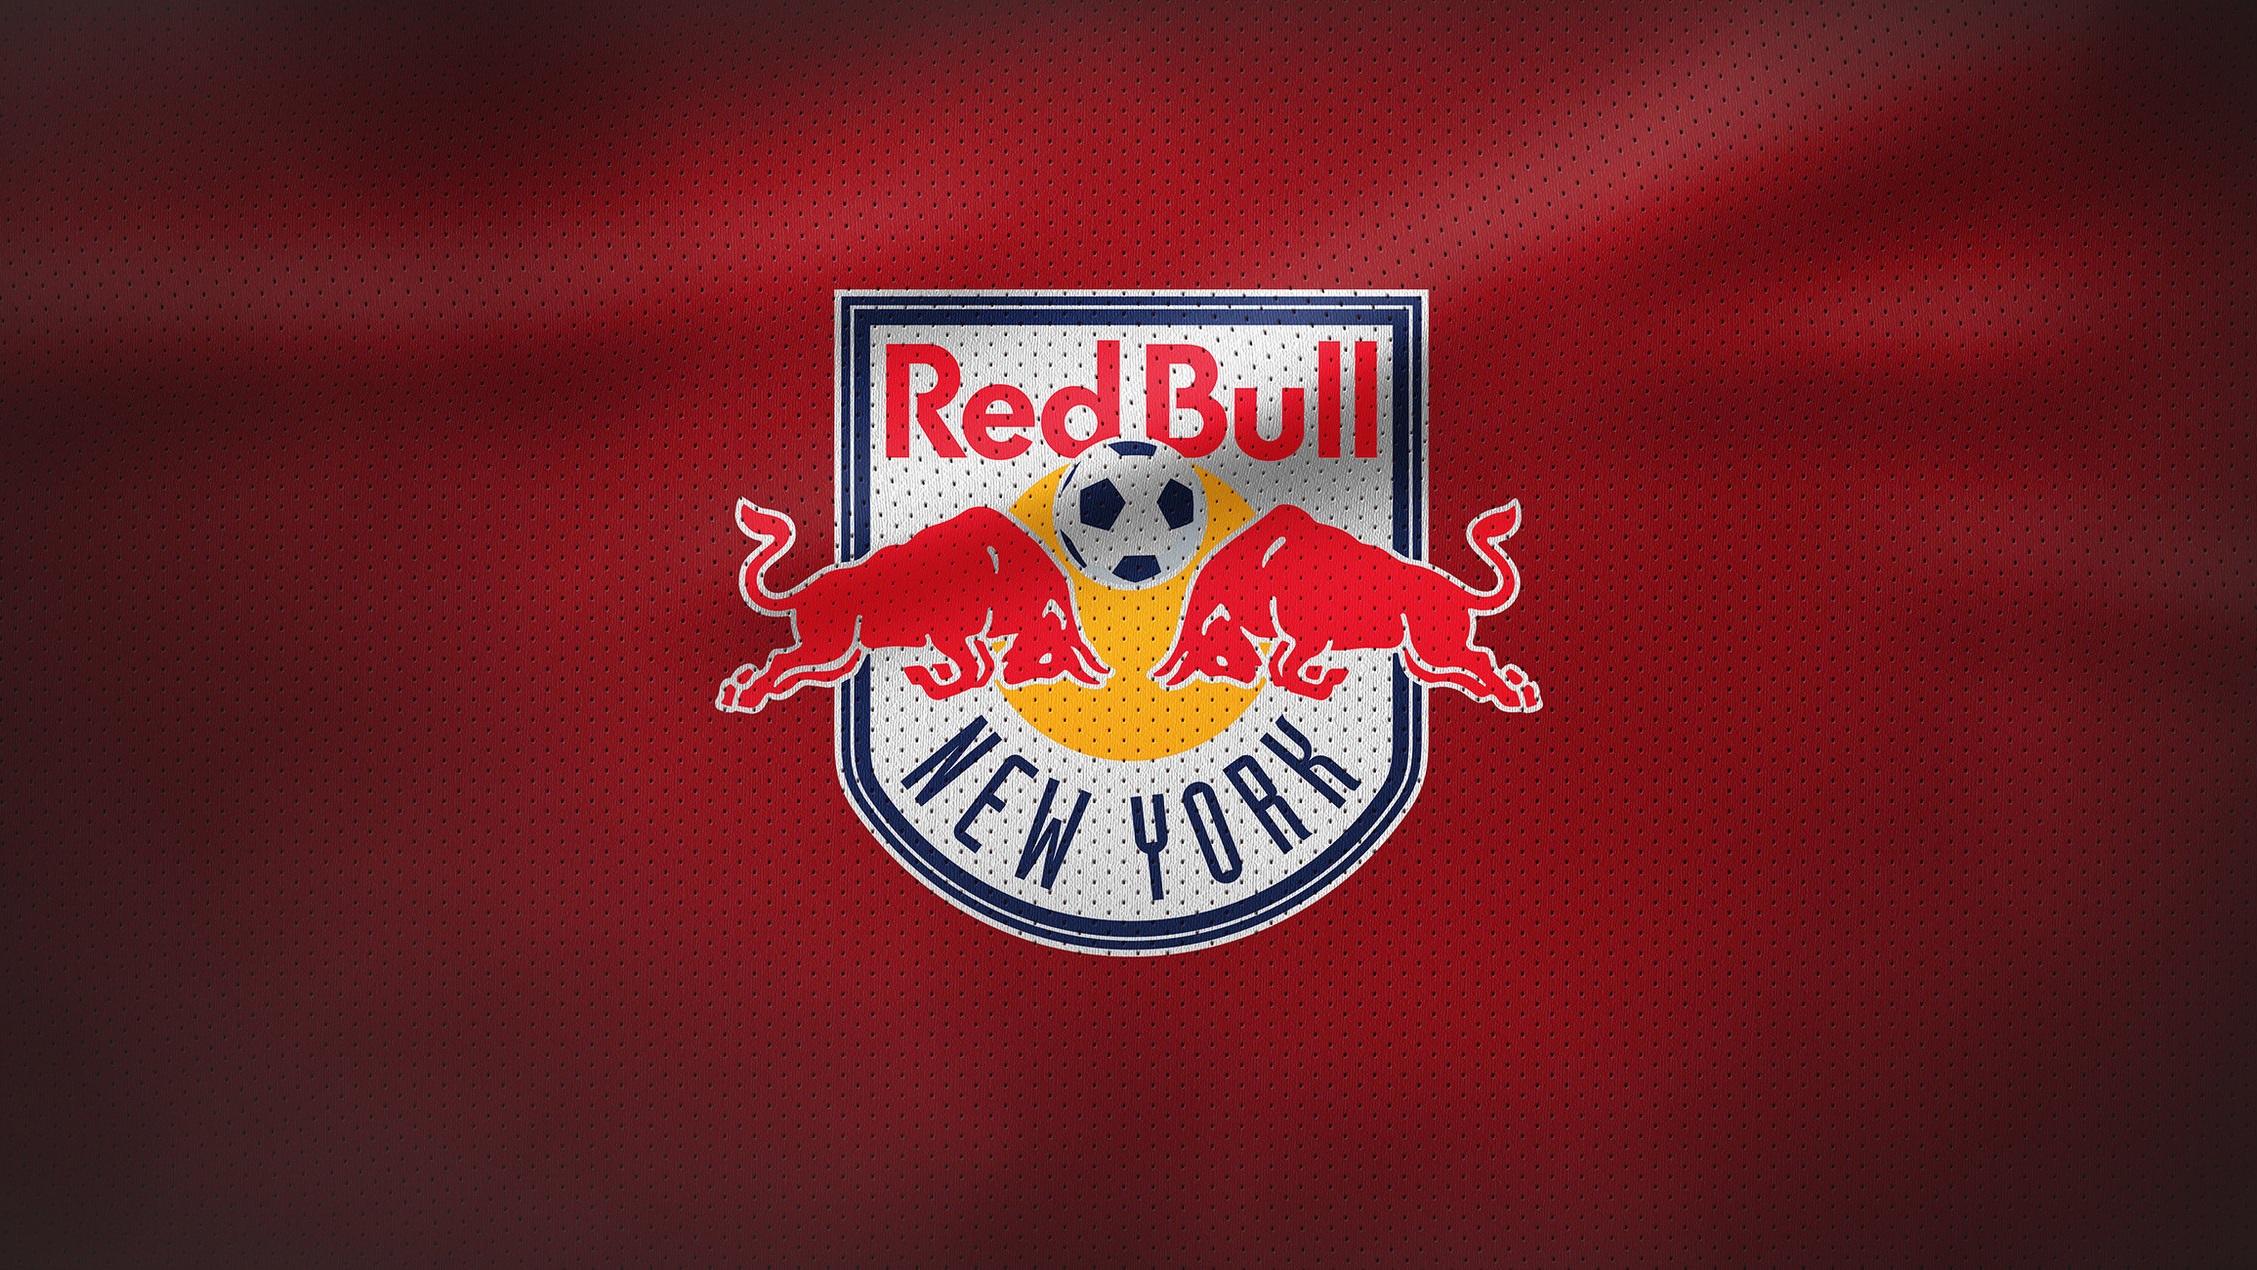 Rivalmöten - Den unga klubben har ingen historisk rivalitet med någon klubb i MLS utan det är det andra New York laget, New York Red Bulls, som kommit att bli klubbens största rival. Mötena mellan lagen har av lagens supportrar fått namnet Hudson River Derby.